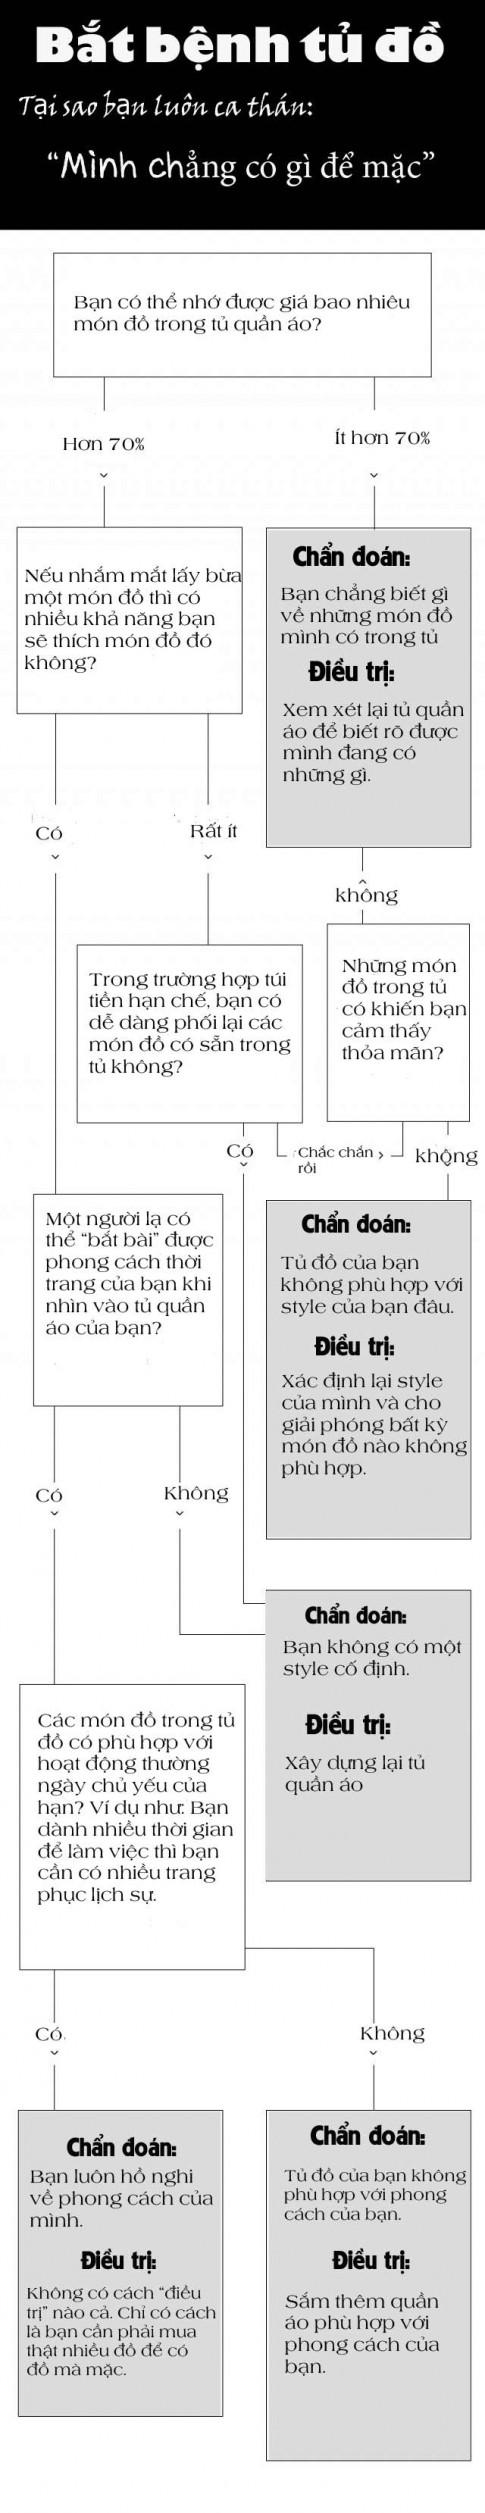 """Bat benh """"quan ao bat ngan van keu khong co gi de mac"""" cua chi em"""